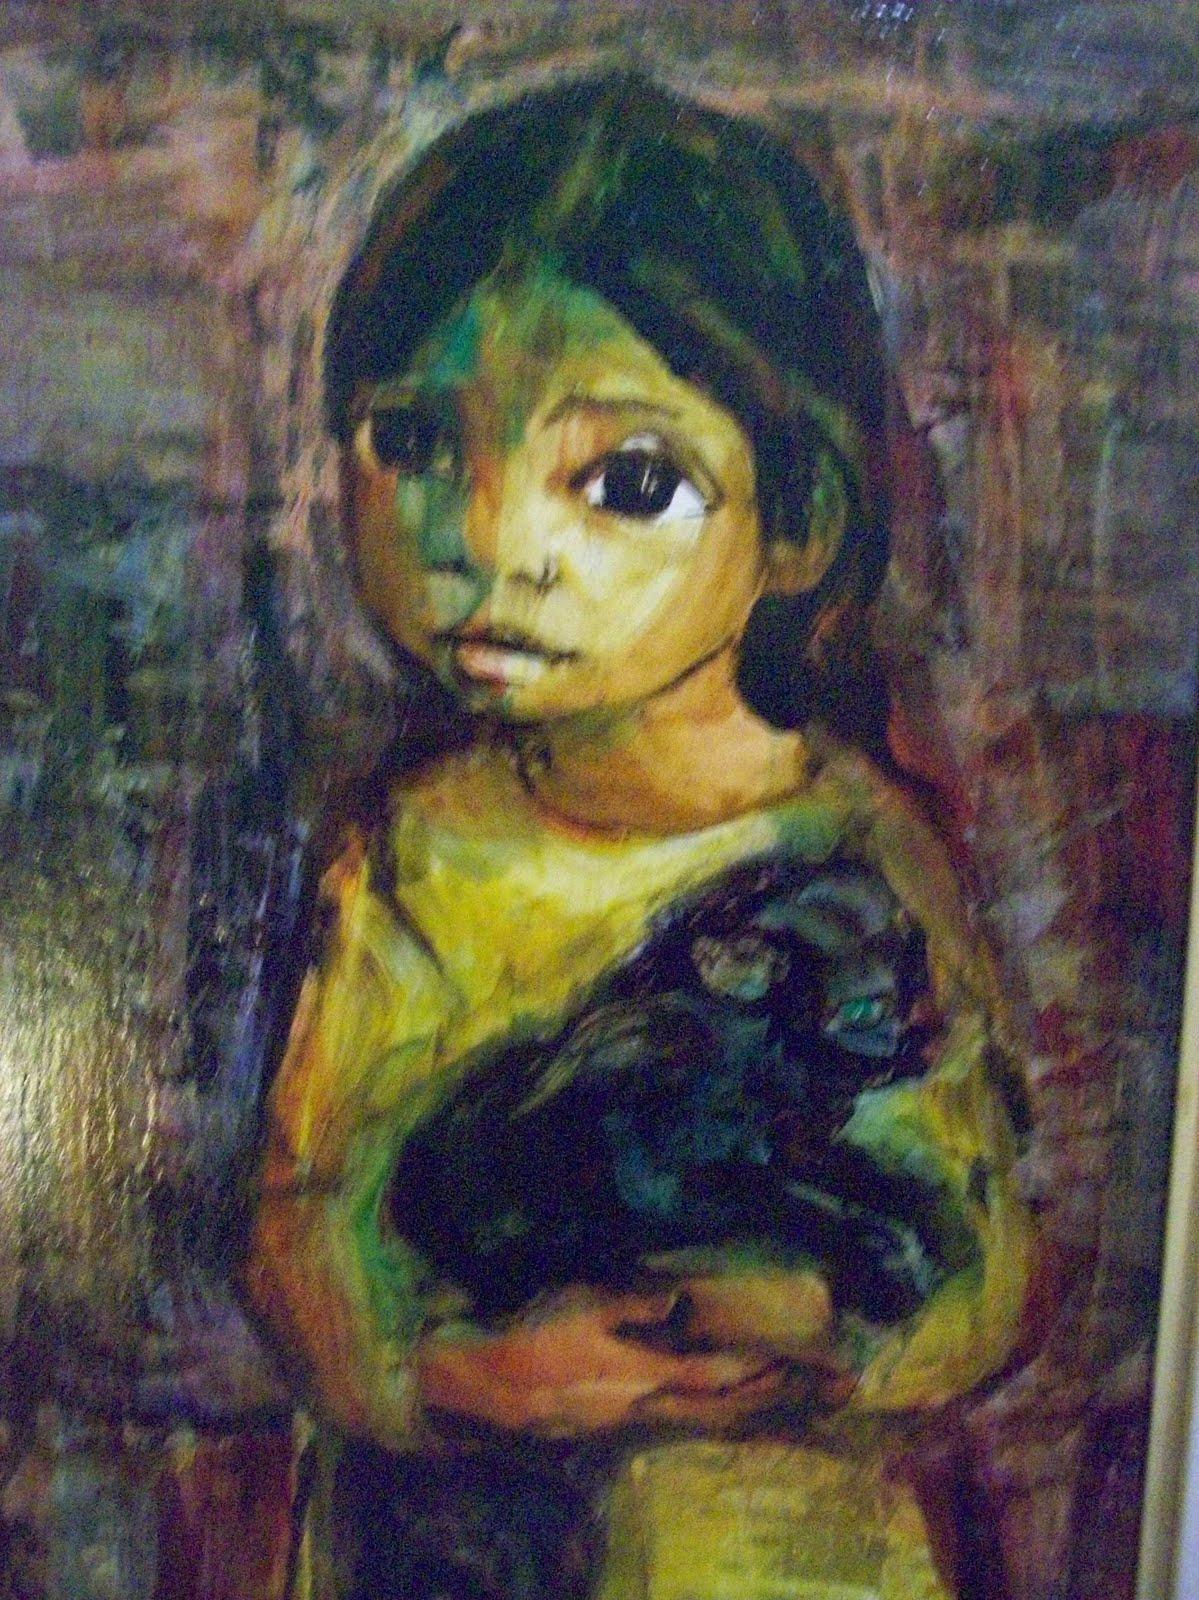 Acquaforte - Galería de Arte: °Artistas Consagrados del Siglo XX ...